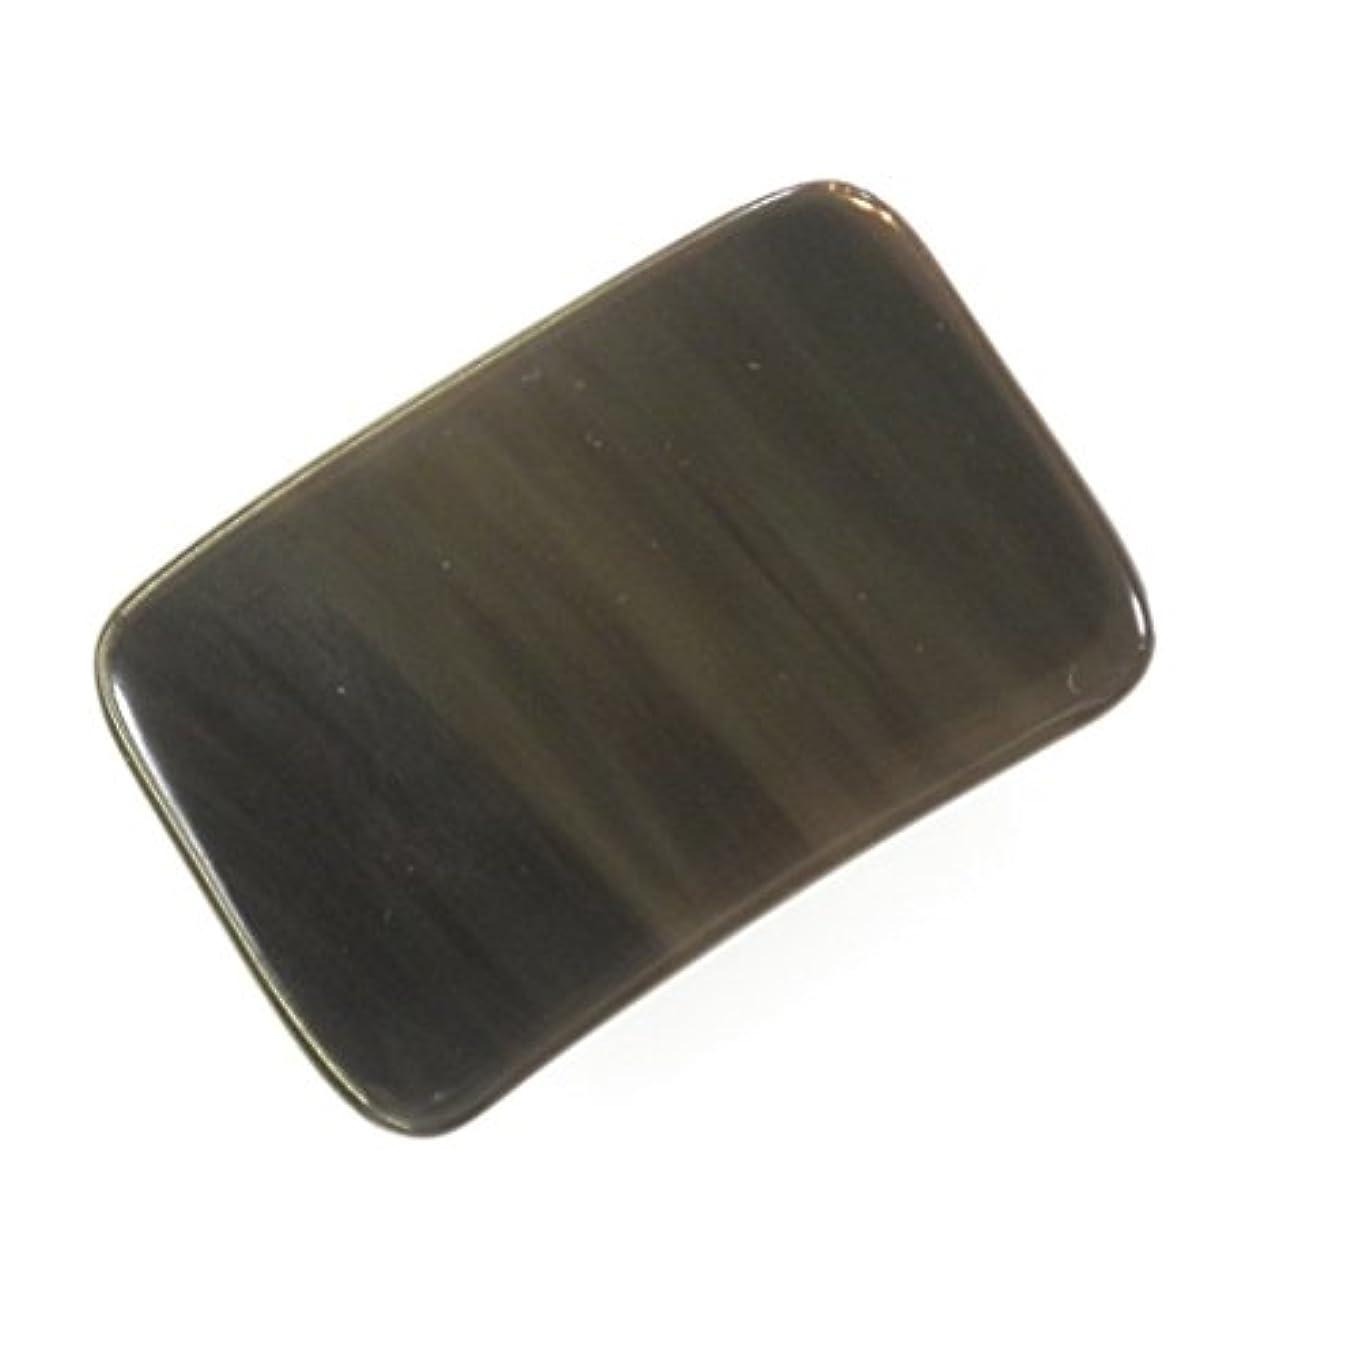 しわその後野心かっさ プレート 厚さが選べる 水牛の角(黒水牛角) EHE214 長方形小 一般品 少し厚め(7ミリ程度)